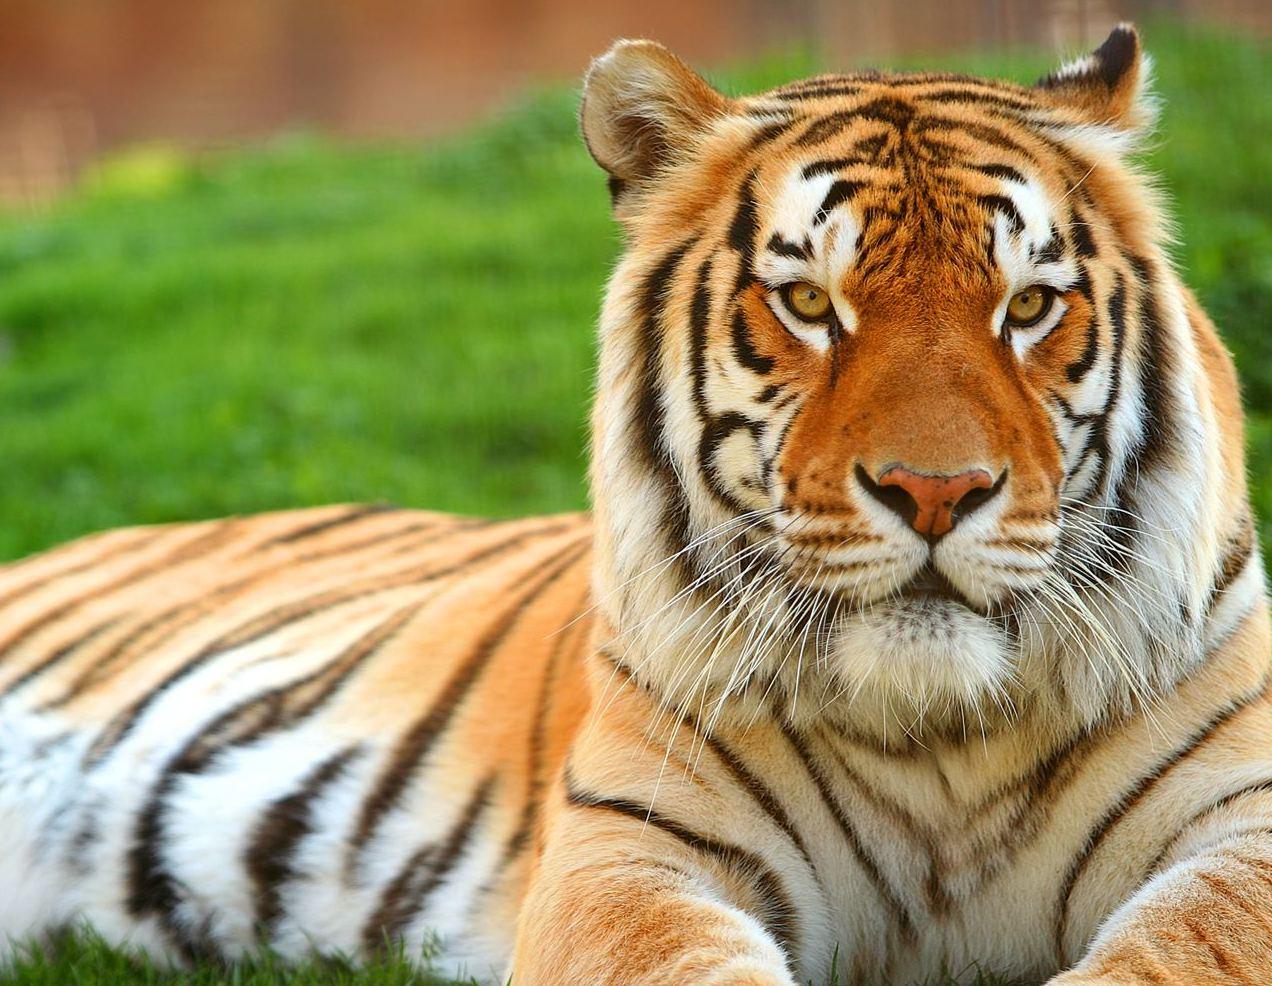 http://2.bp.blogspot.com/-l3L0D626jXg/UDs_GmTcU7I/AAAAAAAAAJQ/DnOLMAGzeDQ/s1600/Tiger%2BWallpaper10.jpg